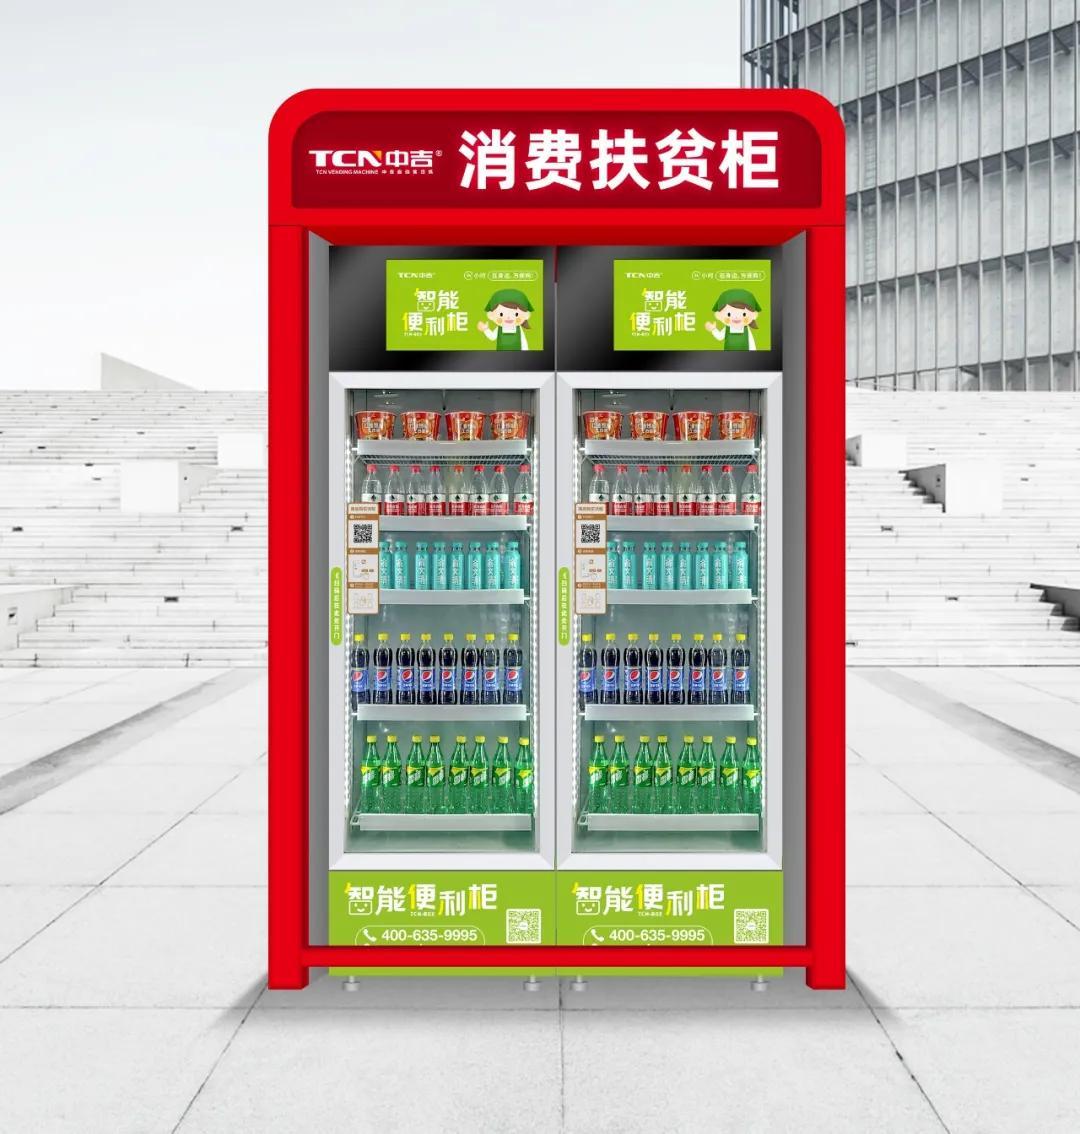 新品速递丨新mg真人 视觉智能货柜C位出道,智创新零售,展硬核魅力